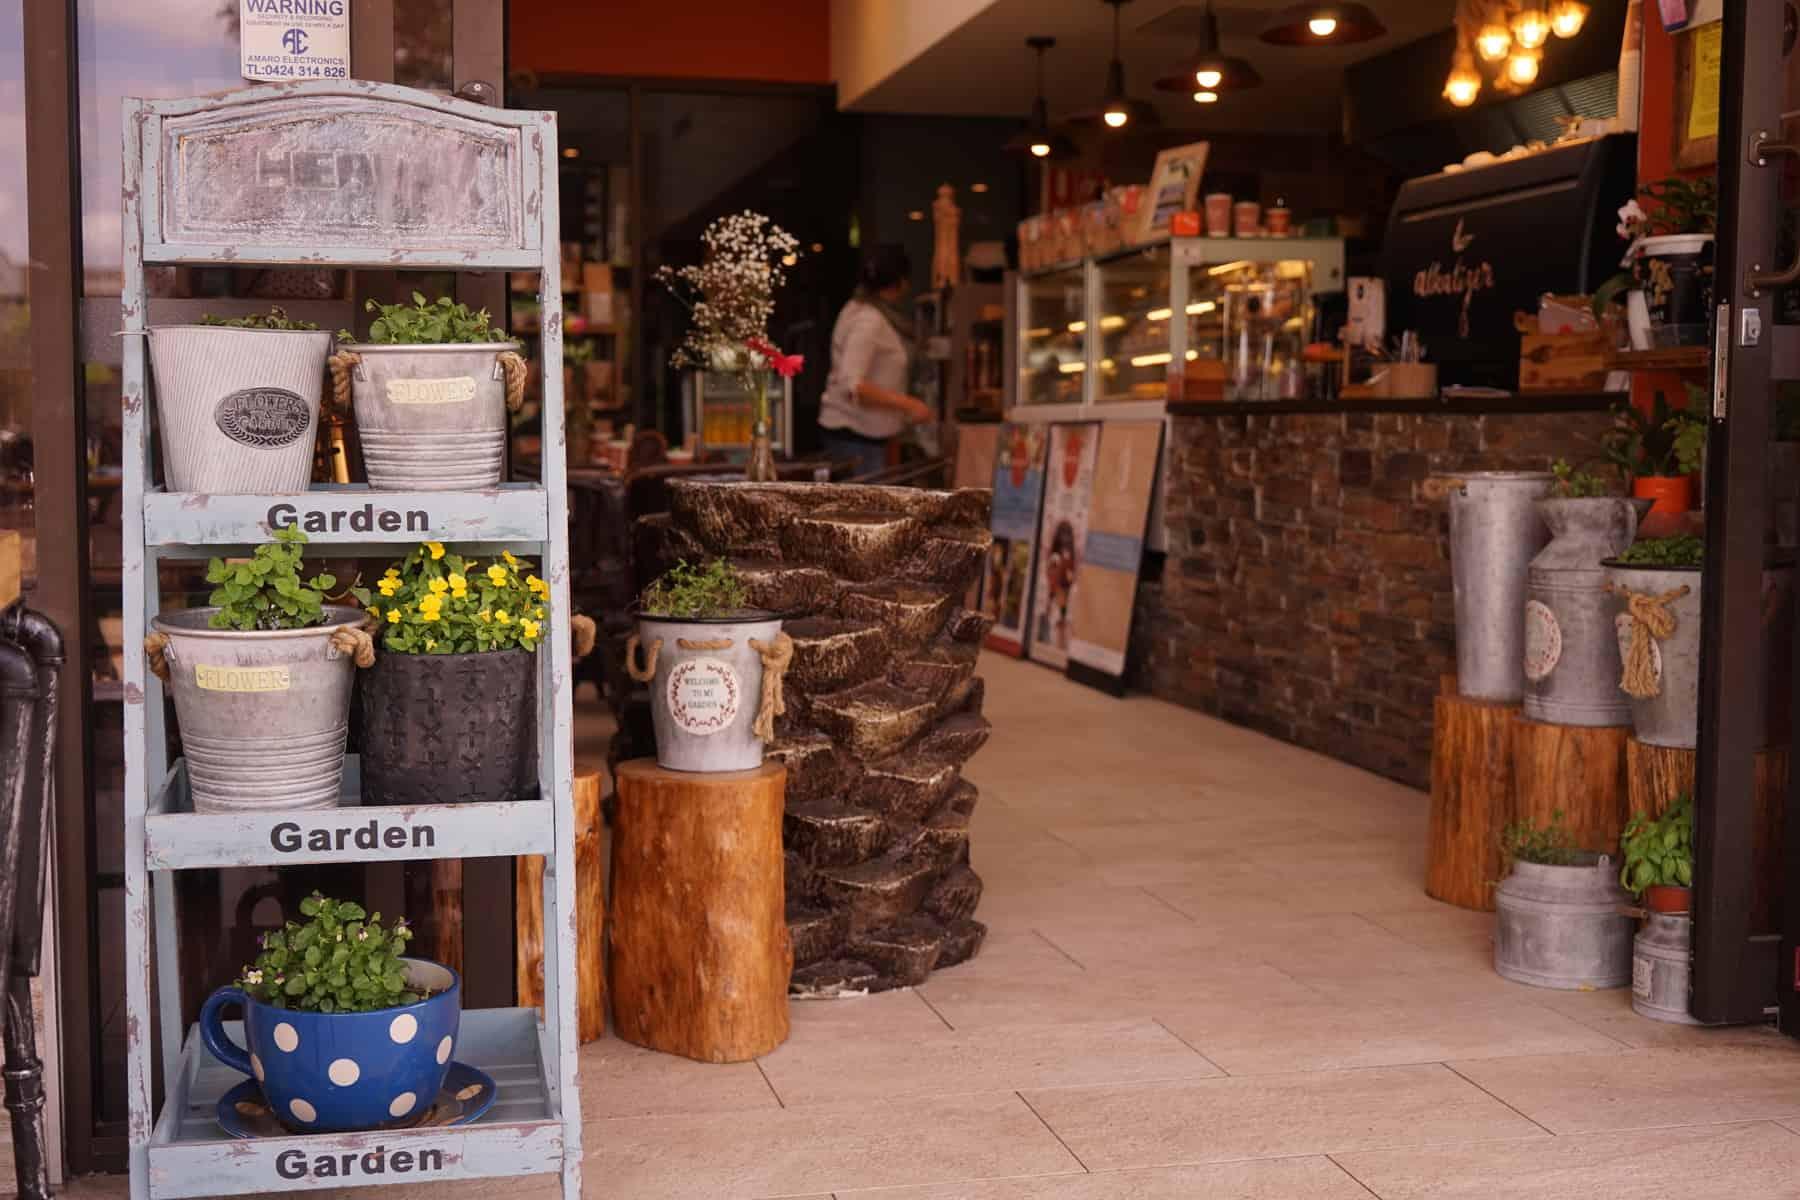 Alkalizer cafe Campbelltown